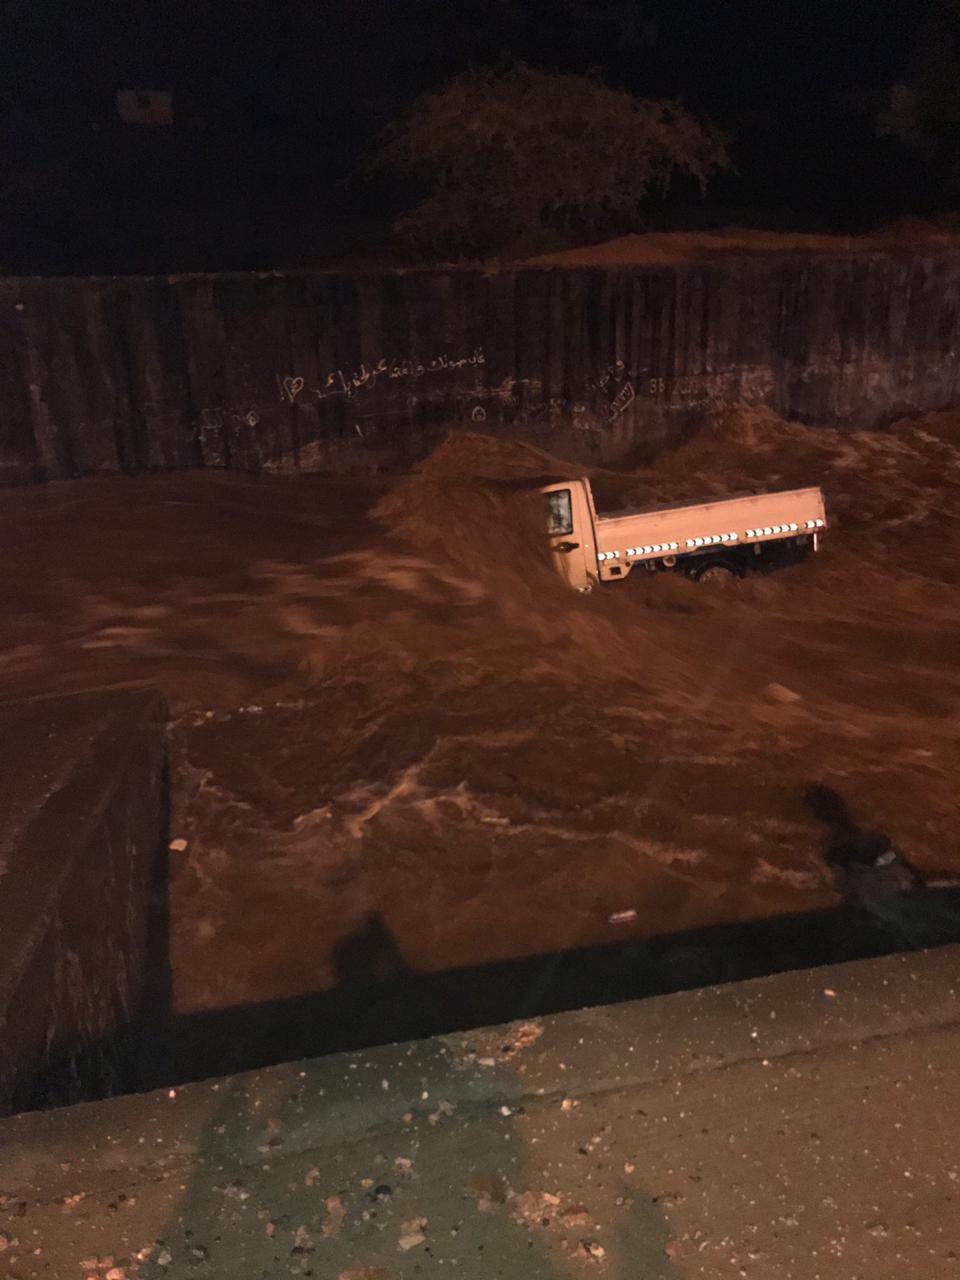 غرق شخص بمسبح في العلا وحالات احتجاز بسبب أمطار الطائف